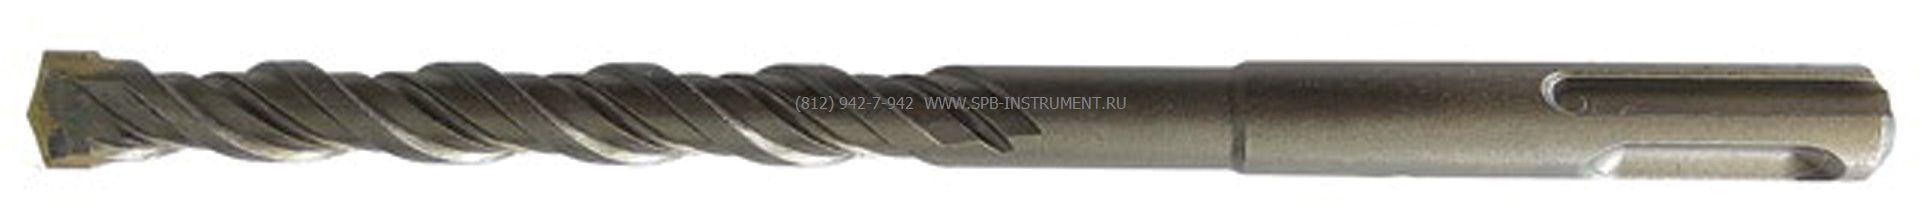 Бур по бетону CUTOP, Profi Plus - двойная спираль, три режущие кромки, 6x110 мм